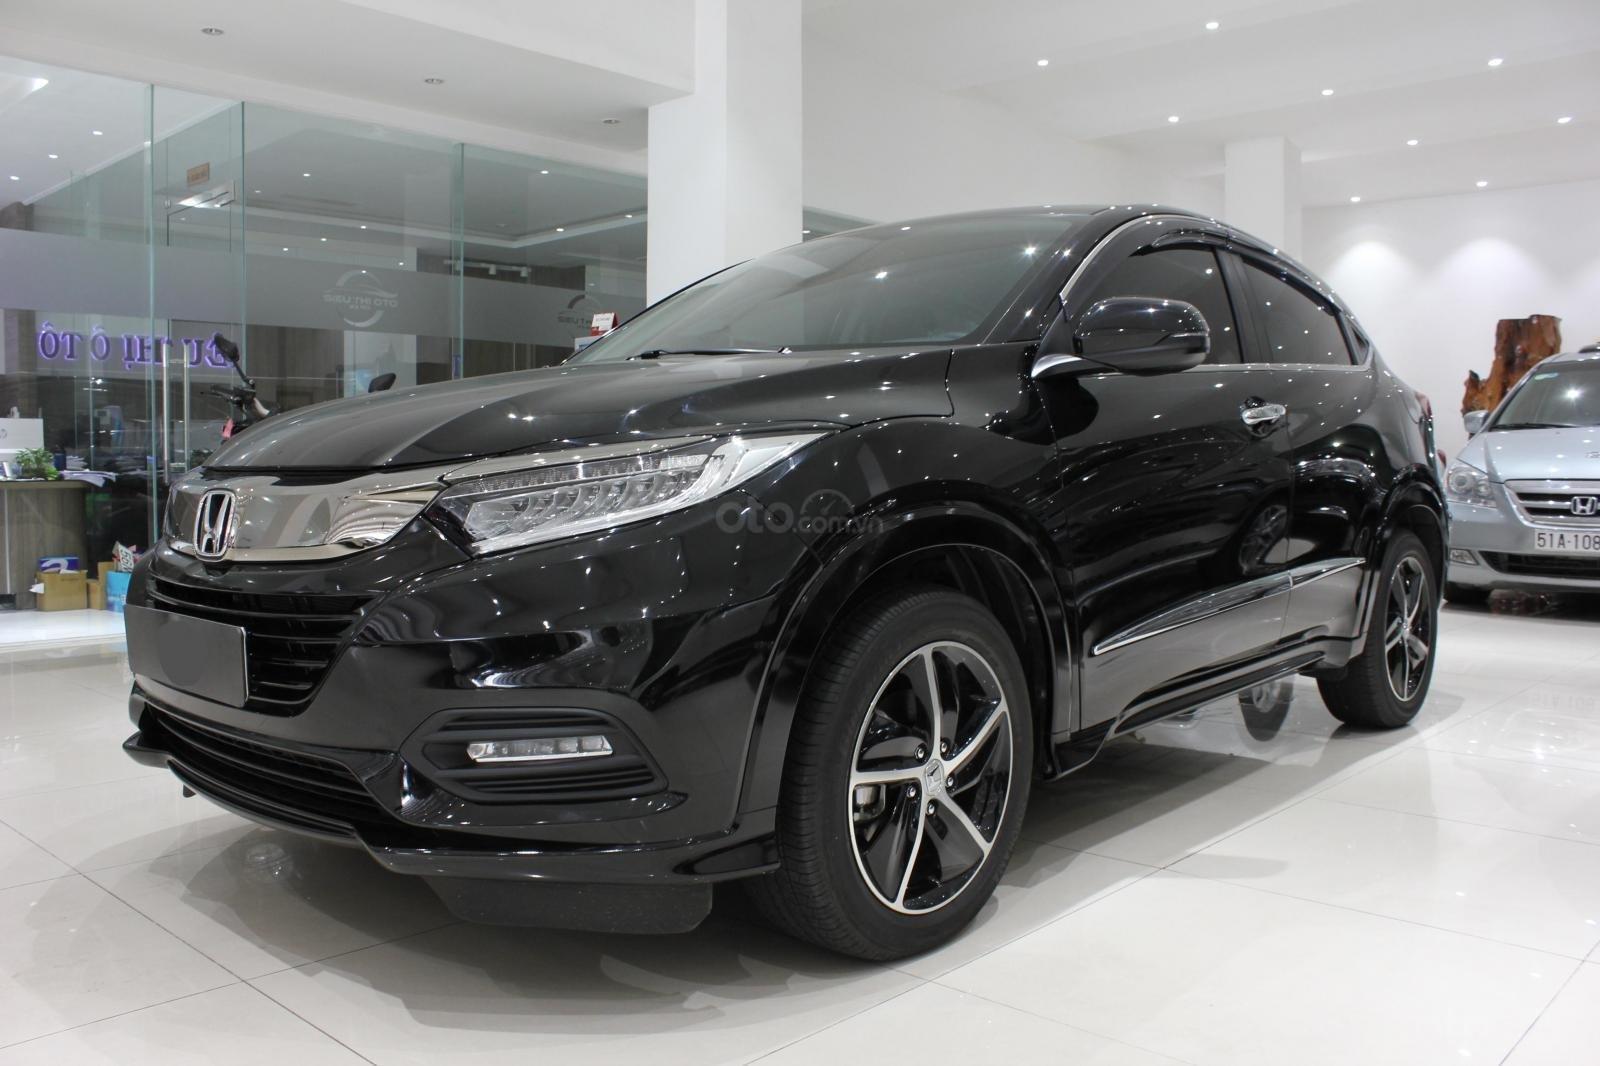 Cần bán xe Honda HR-V bản L 1.8AT SX 2018, màu đen, nhập Thái, siêu lướt 1300km, biển SG (2)